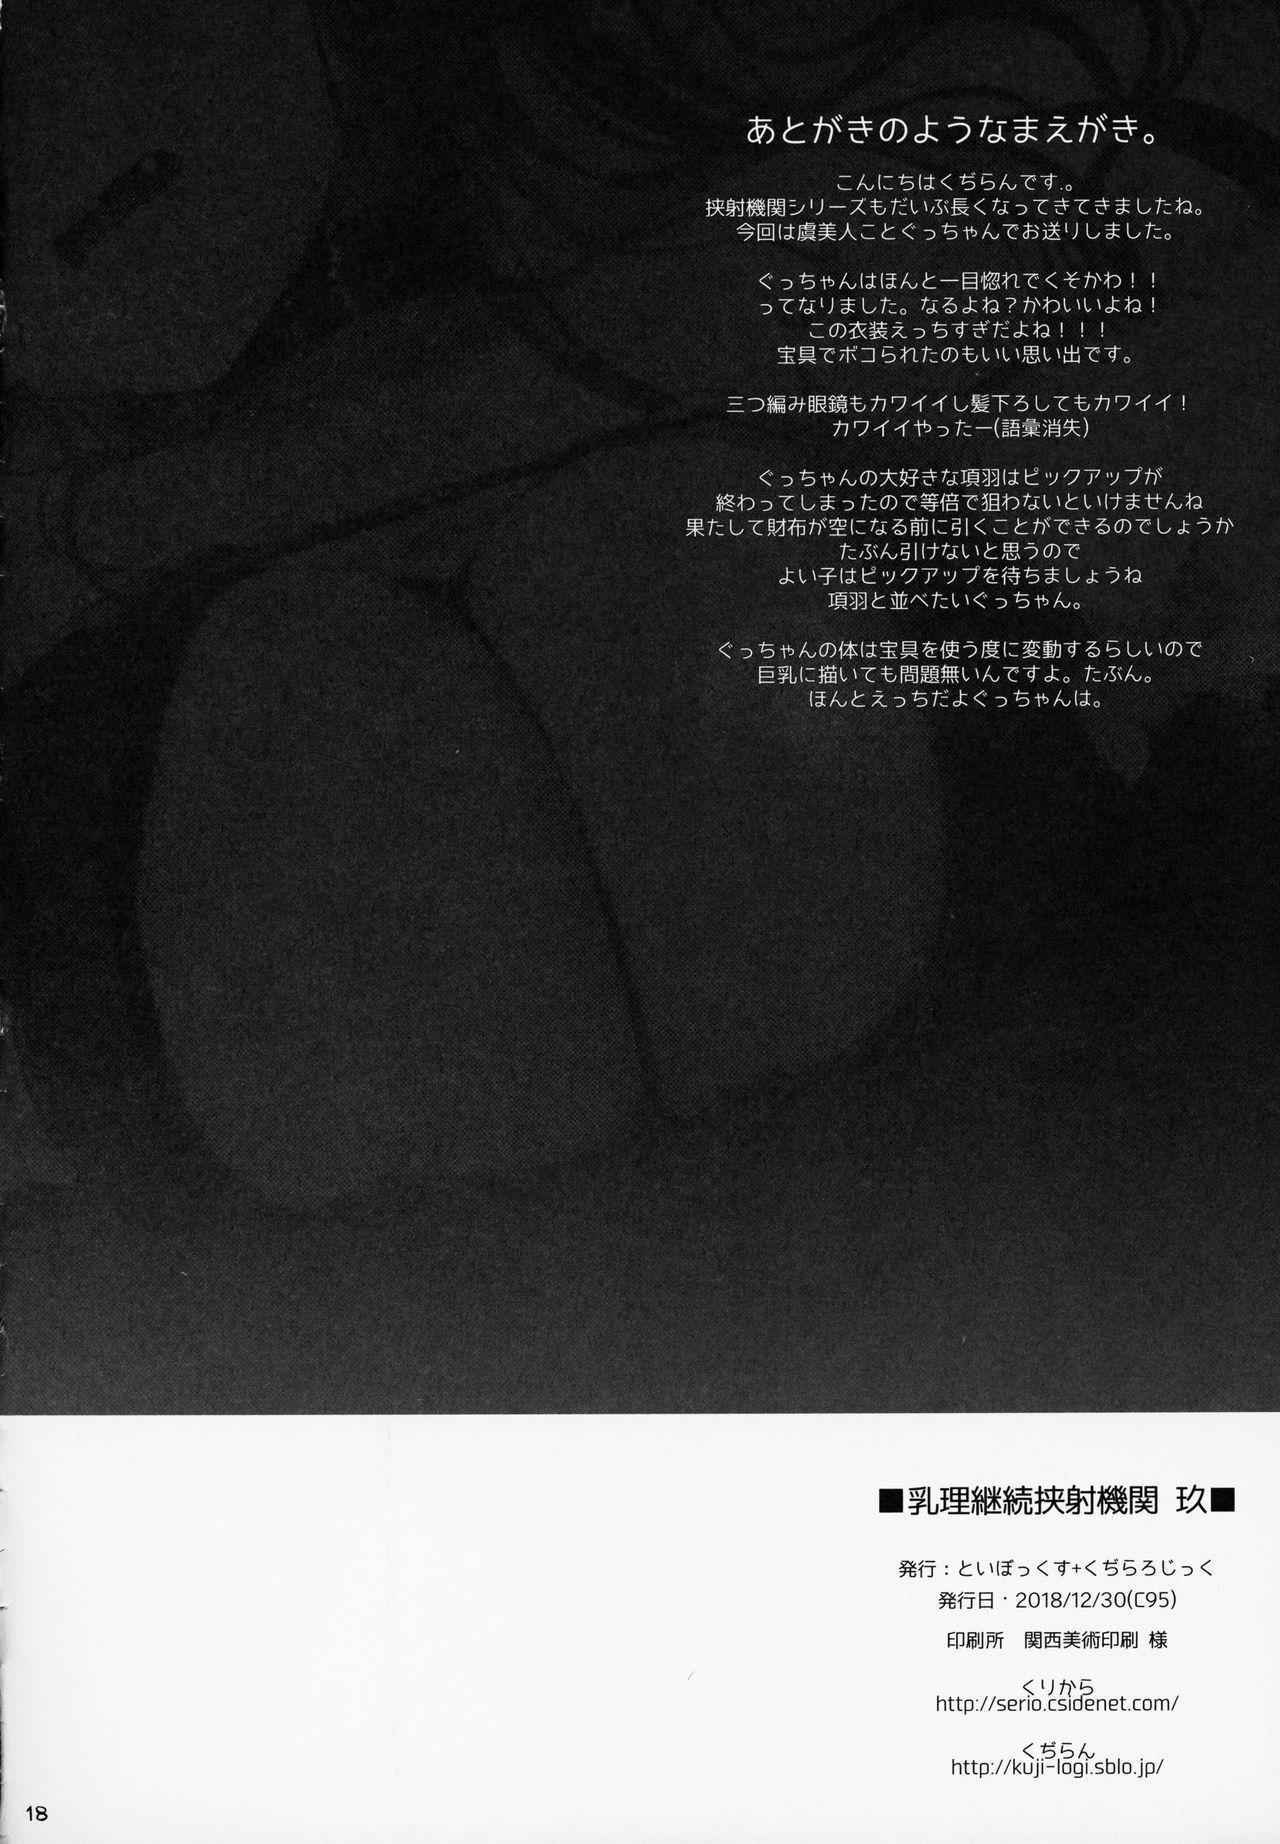 Nyuuri Keizoku Kyousha Kikan Kyuu 16